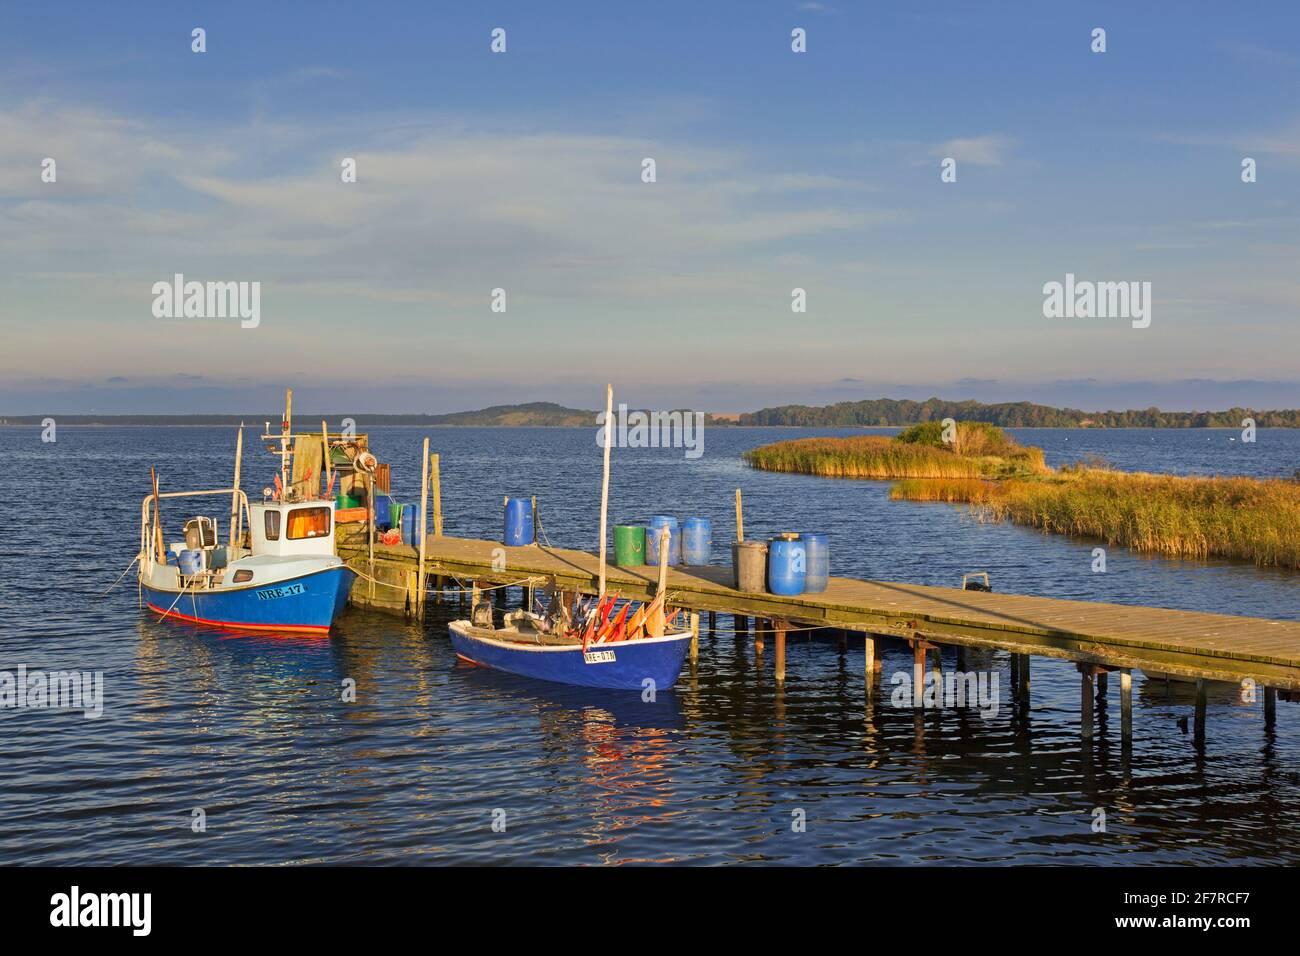 Bateaux de pêche amarrés le long de la jetée en bois à Neu Reddevitz, Lancken-Granitz sur l'île Rügen / Ruegen, Mecklembourg-Poméranie occidentale, Allemagne Banque D'Images